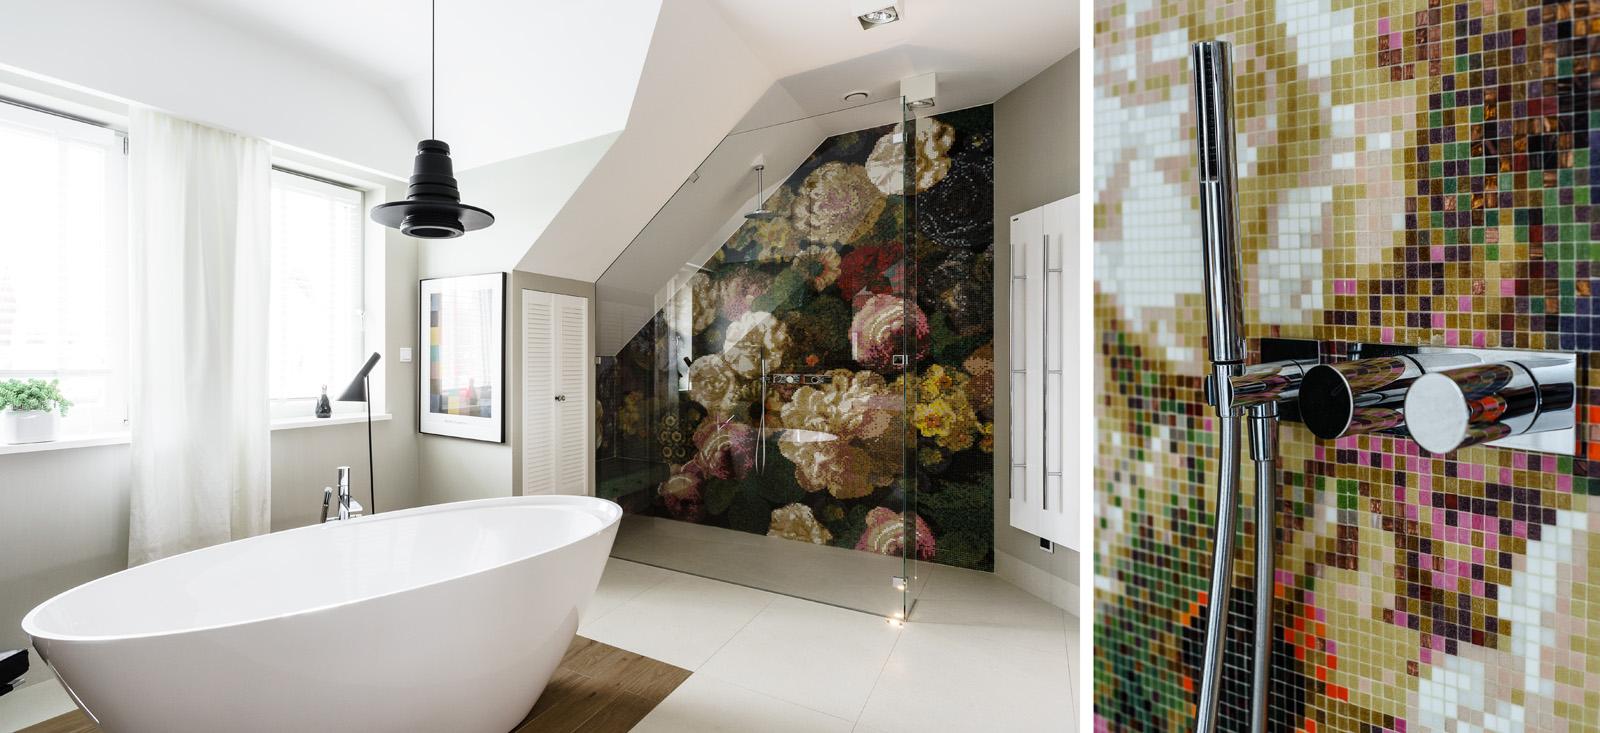 Mozaika Bisazza w salonie kąpielowym